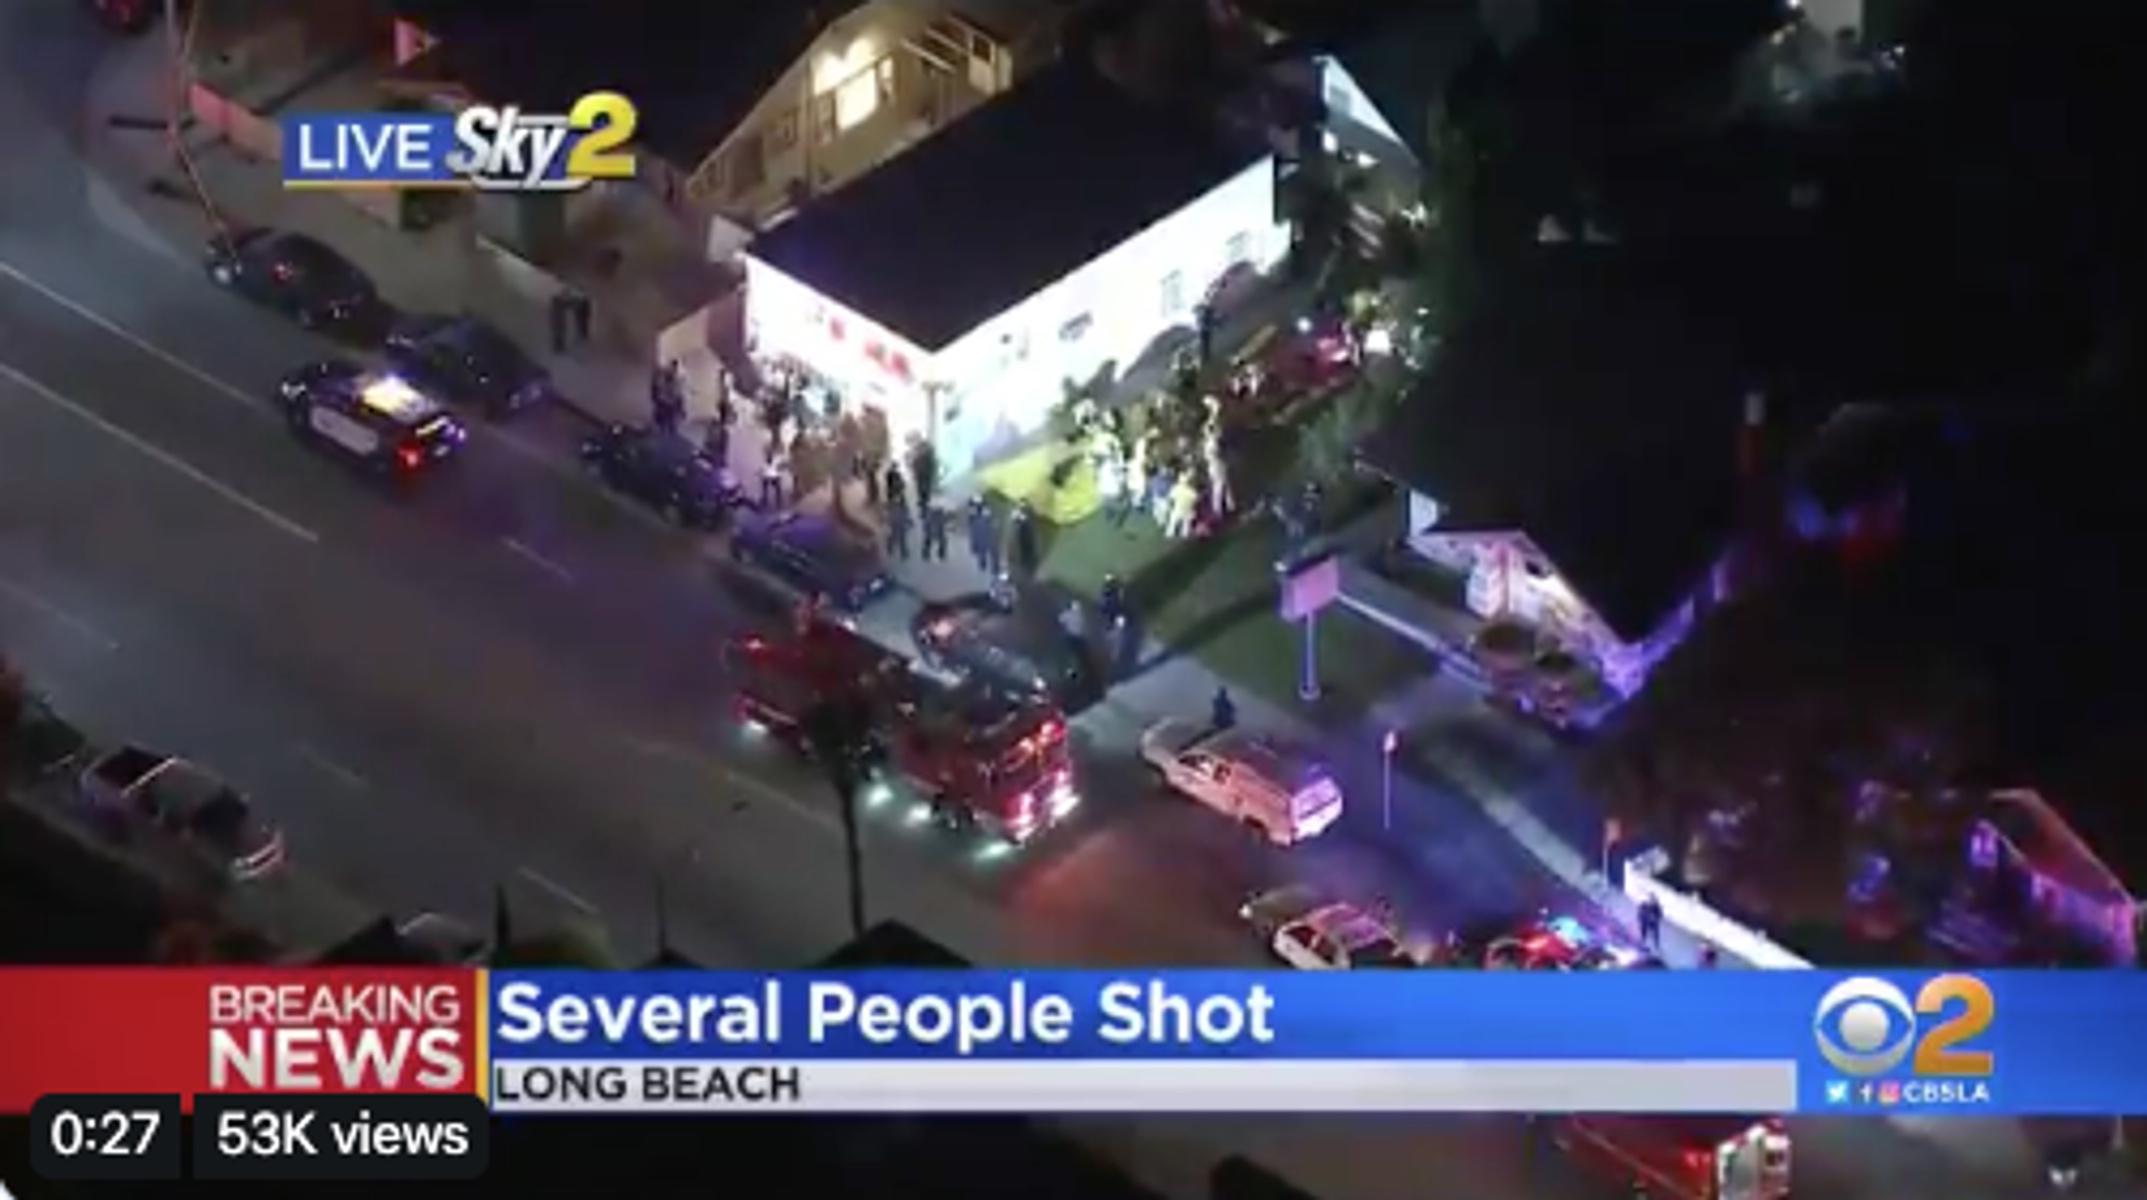 Ένοπλος άνοιξε πυρ σε πάρτι για το Halloween στην Καλιφόρνια! Τρεις νεκροί και πολλοί τραυματίες